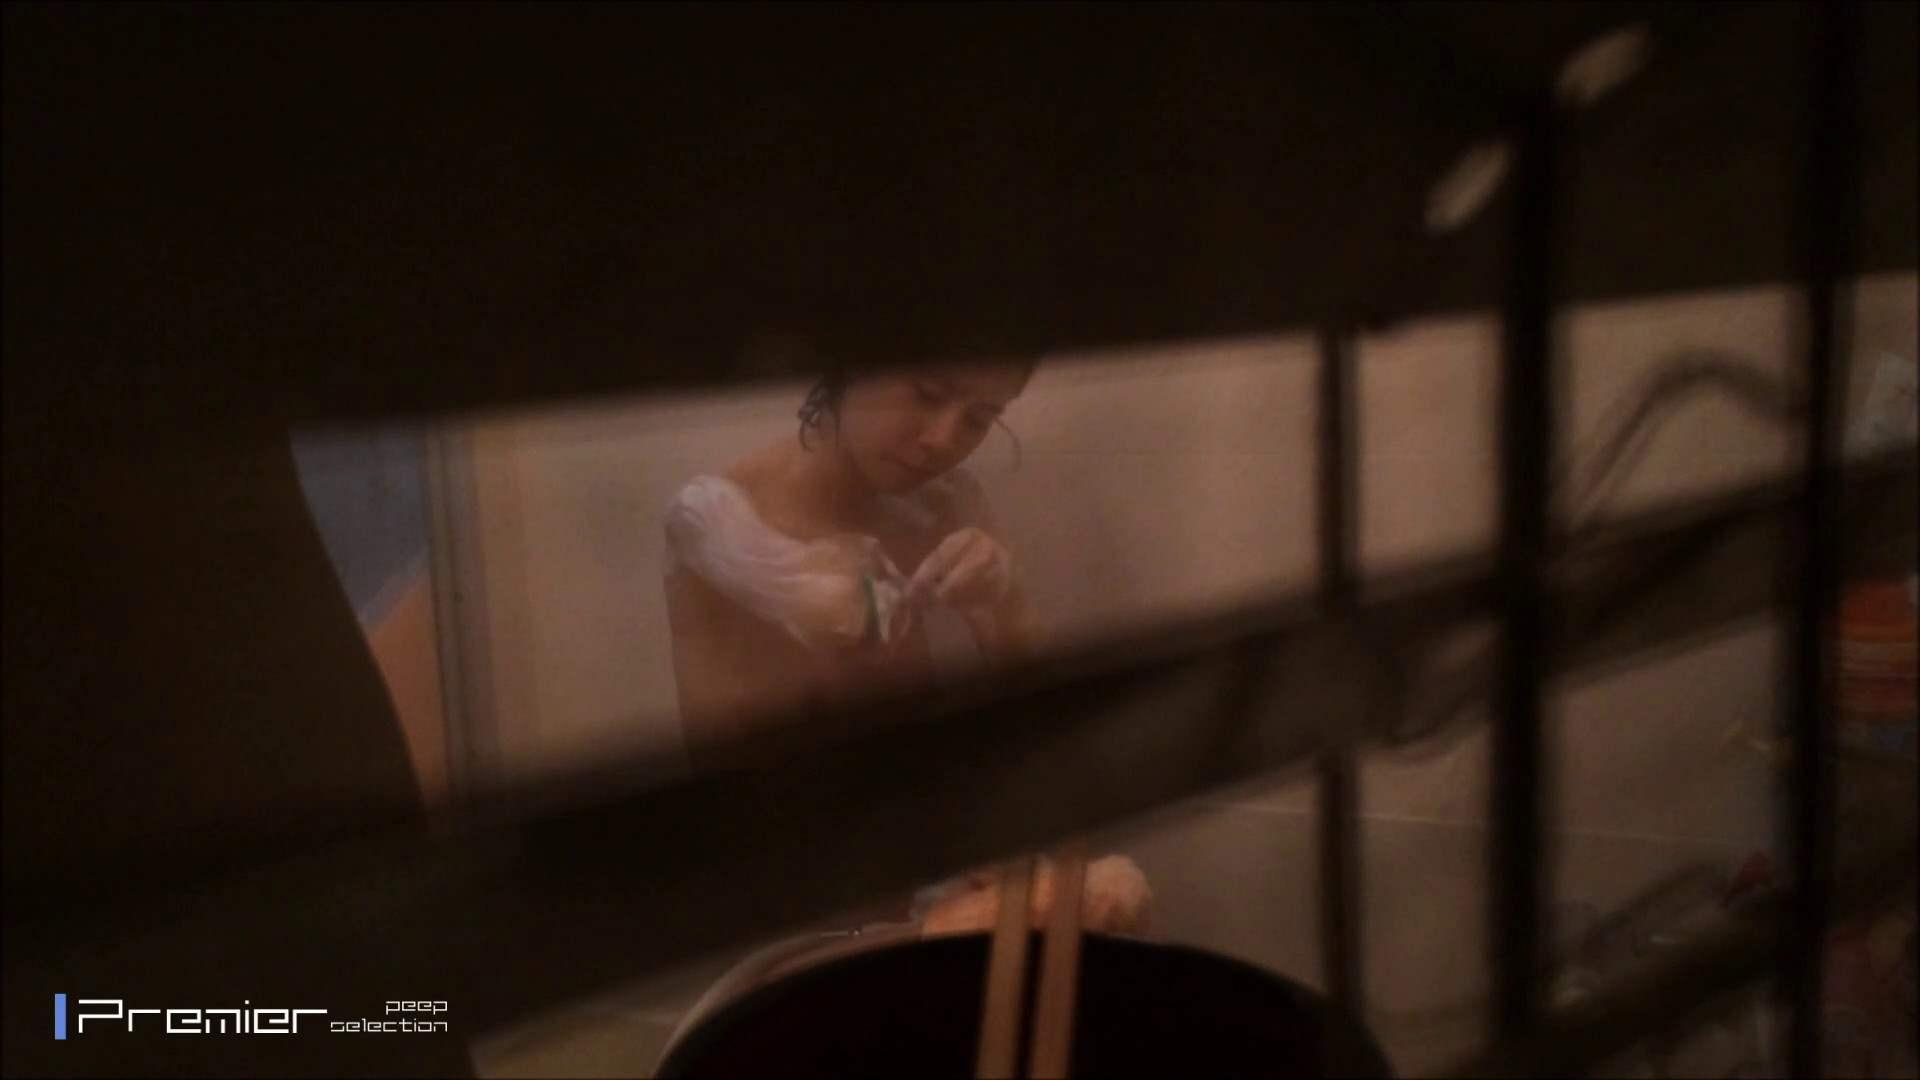 高画質フルハイビジョン スレンダー美女の入浴 乙女の風呂場 Vol.04 丸見え エロ無料画像 40画像 33